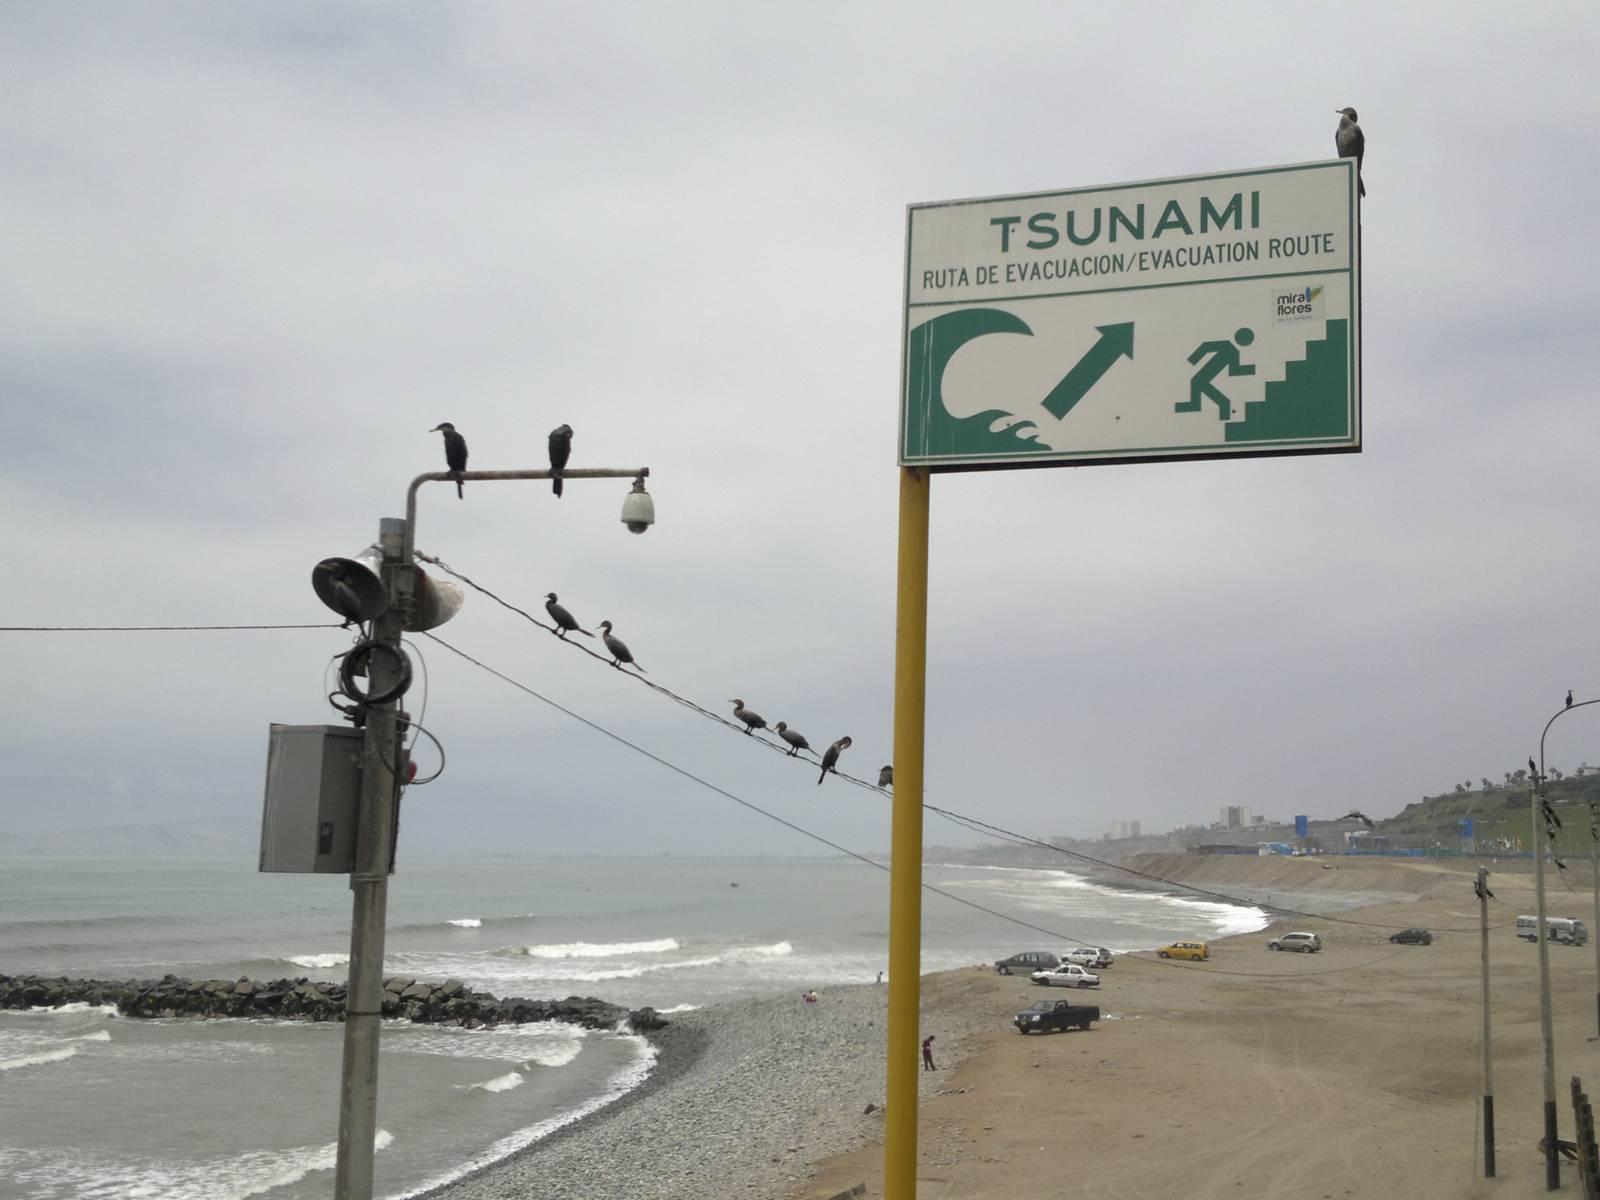 Peru-lima-lungomare-tsunami-escape